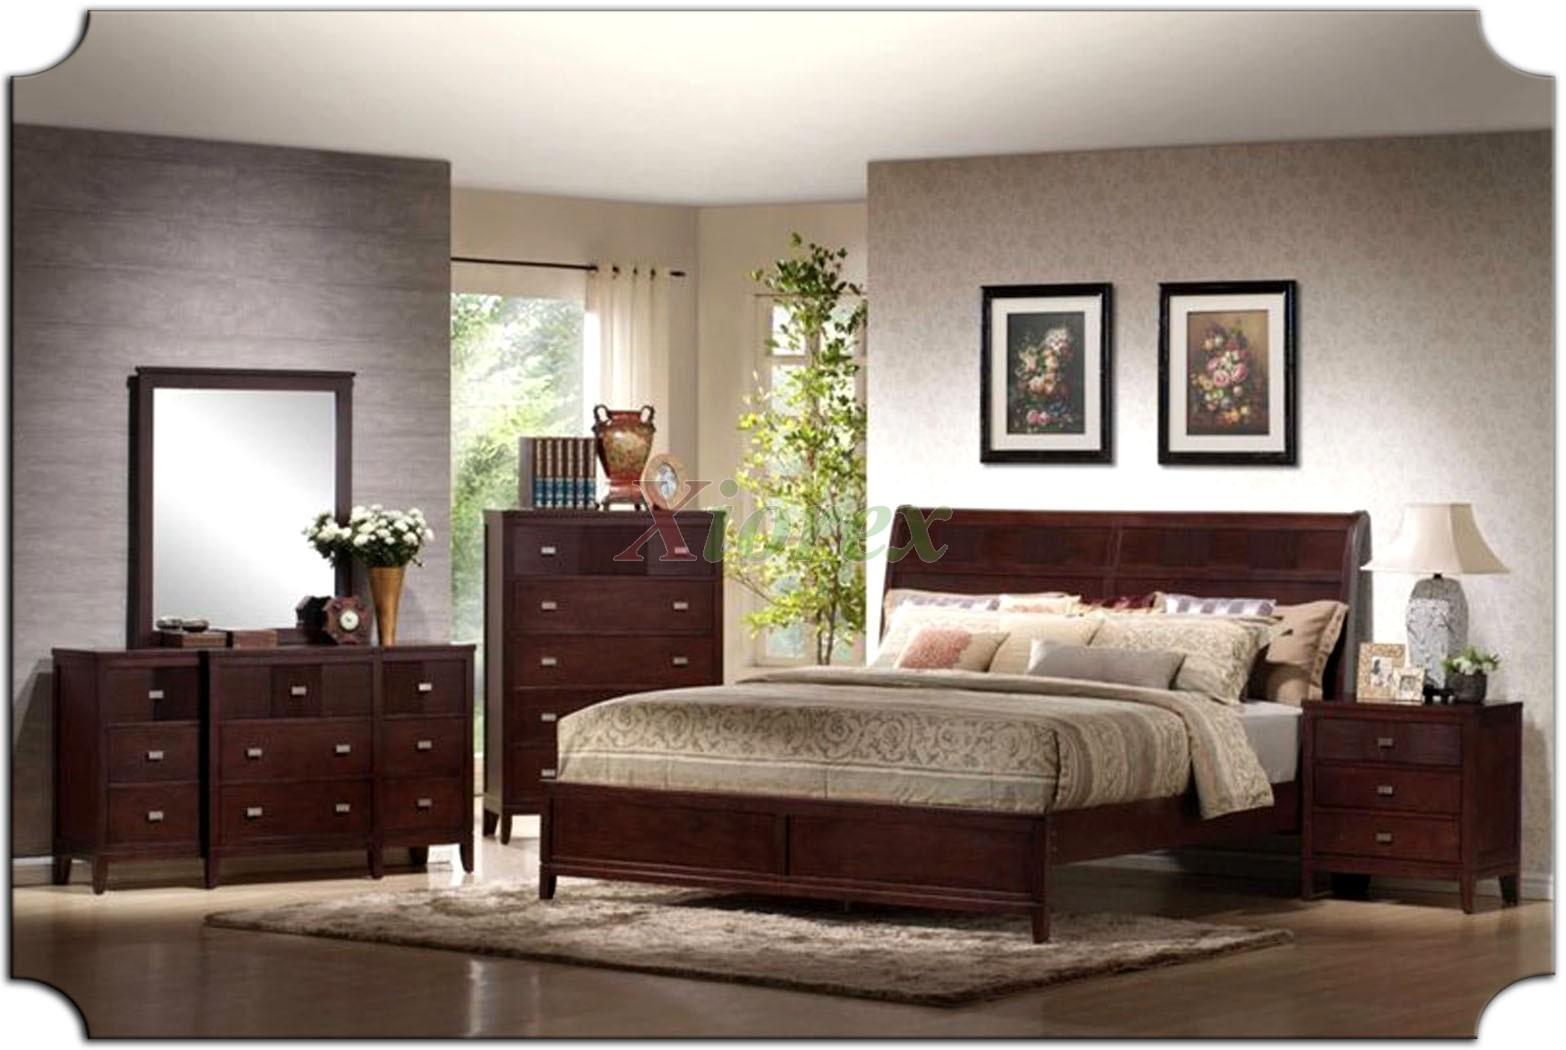 bedroom set online shopping india complete bedroom furniture sets